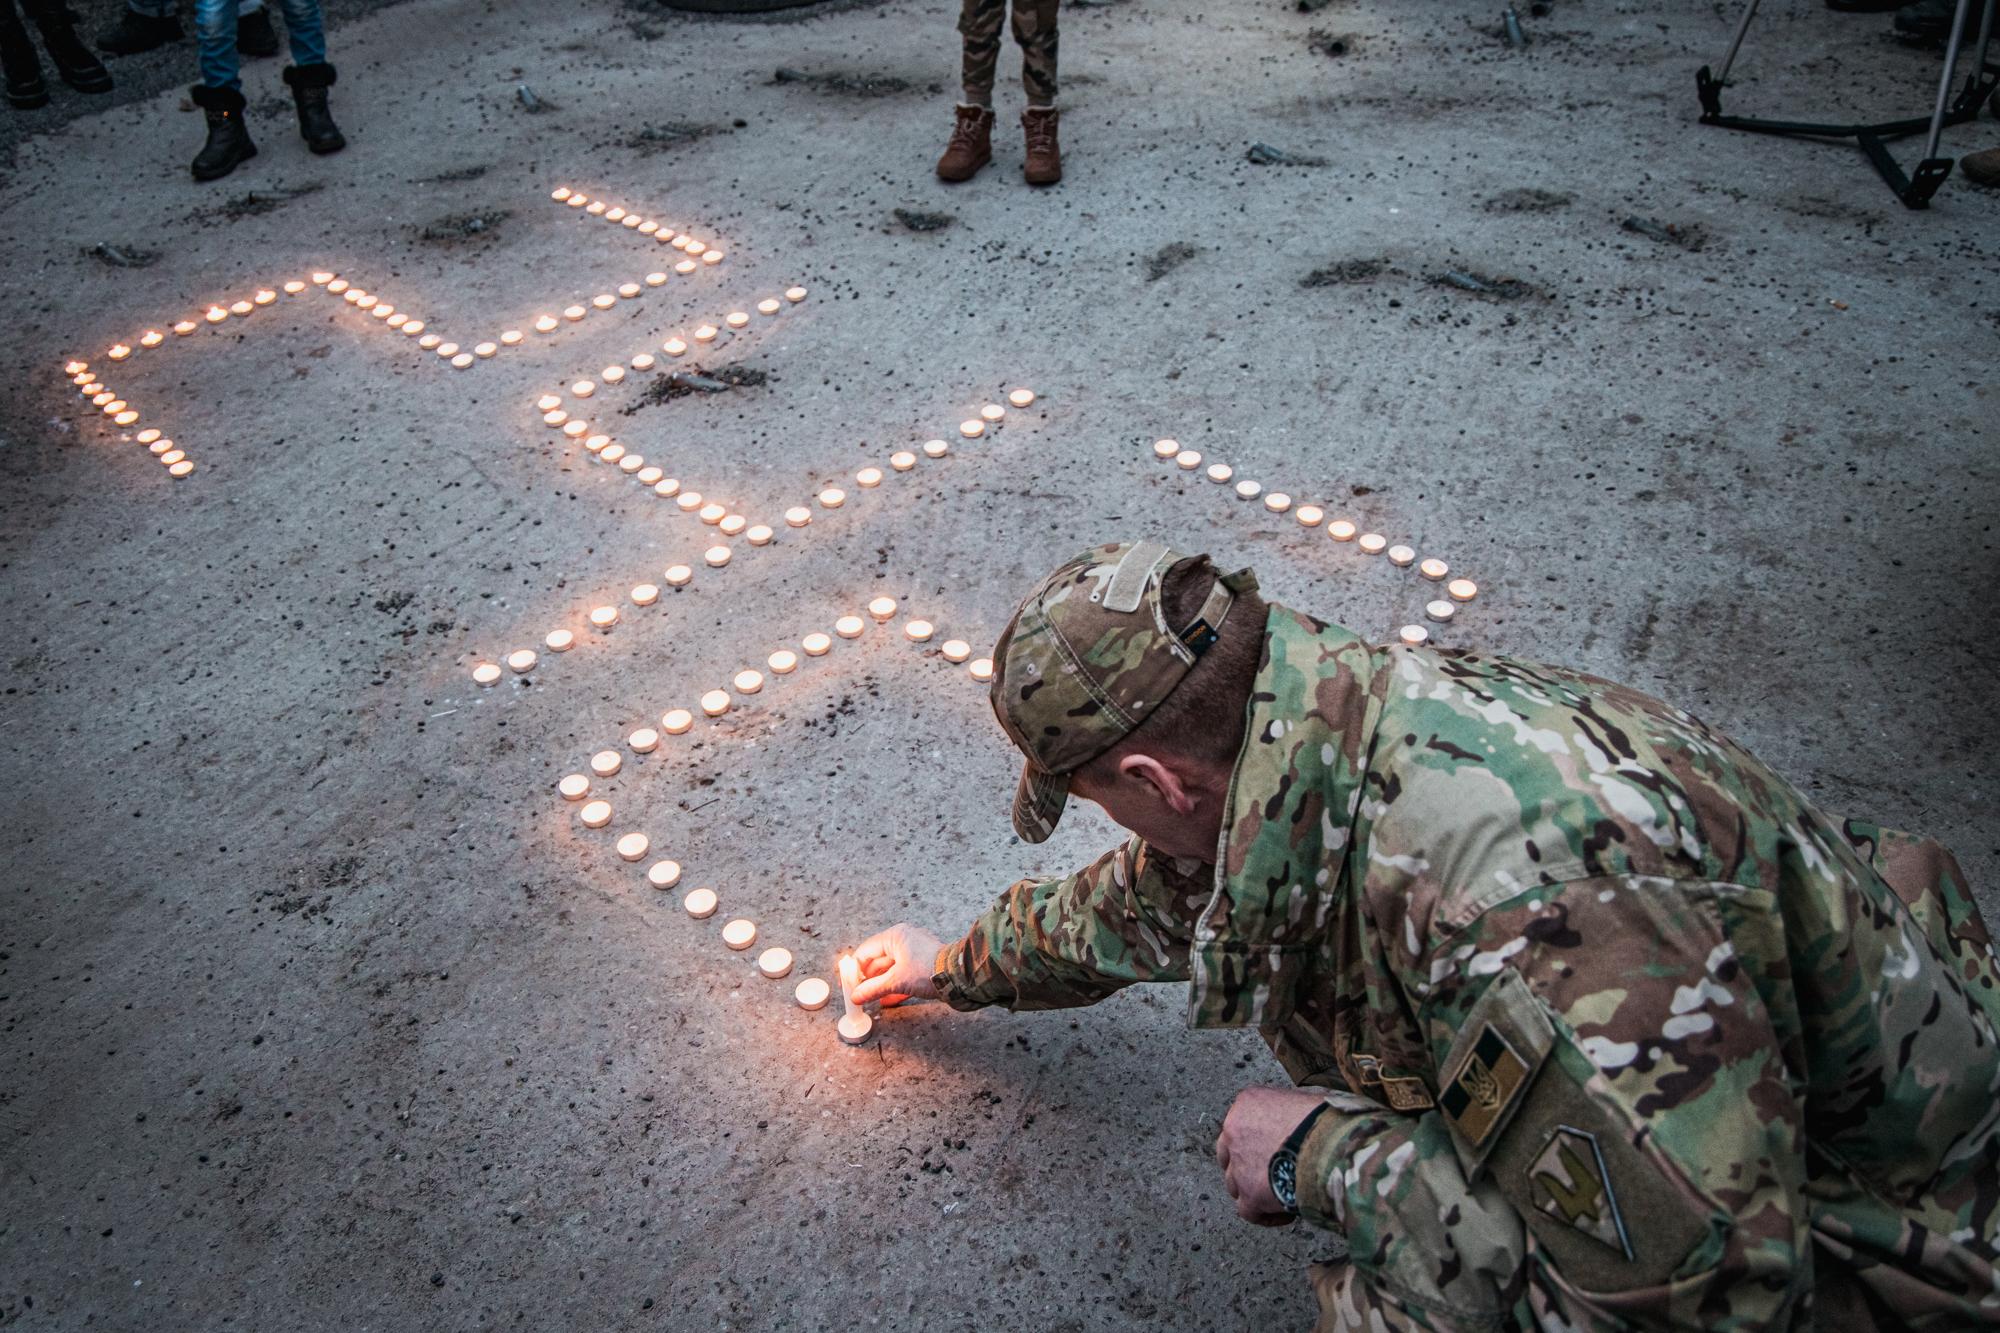 На честь загиблих героїв зі свічок виклали число 242 – саме стільки днів тривала оборона Донецького аеропорту